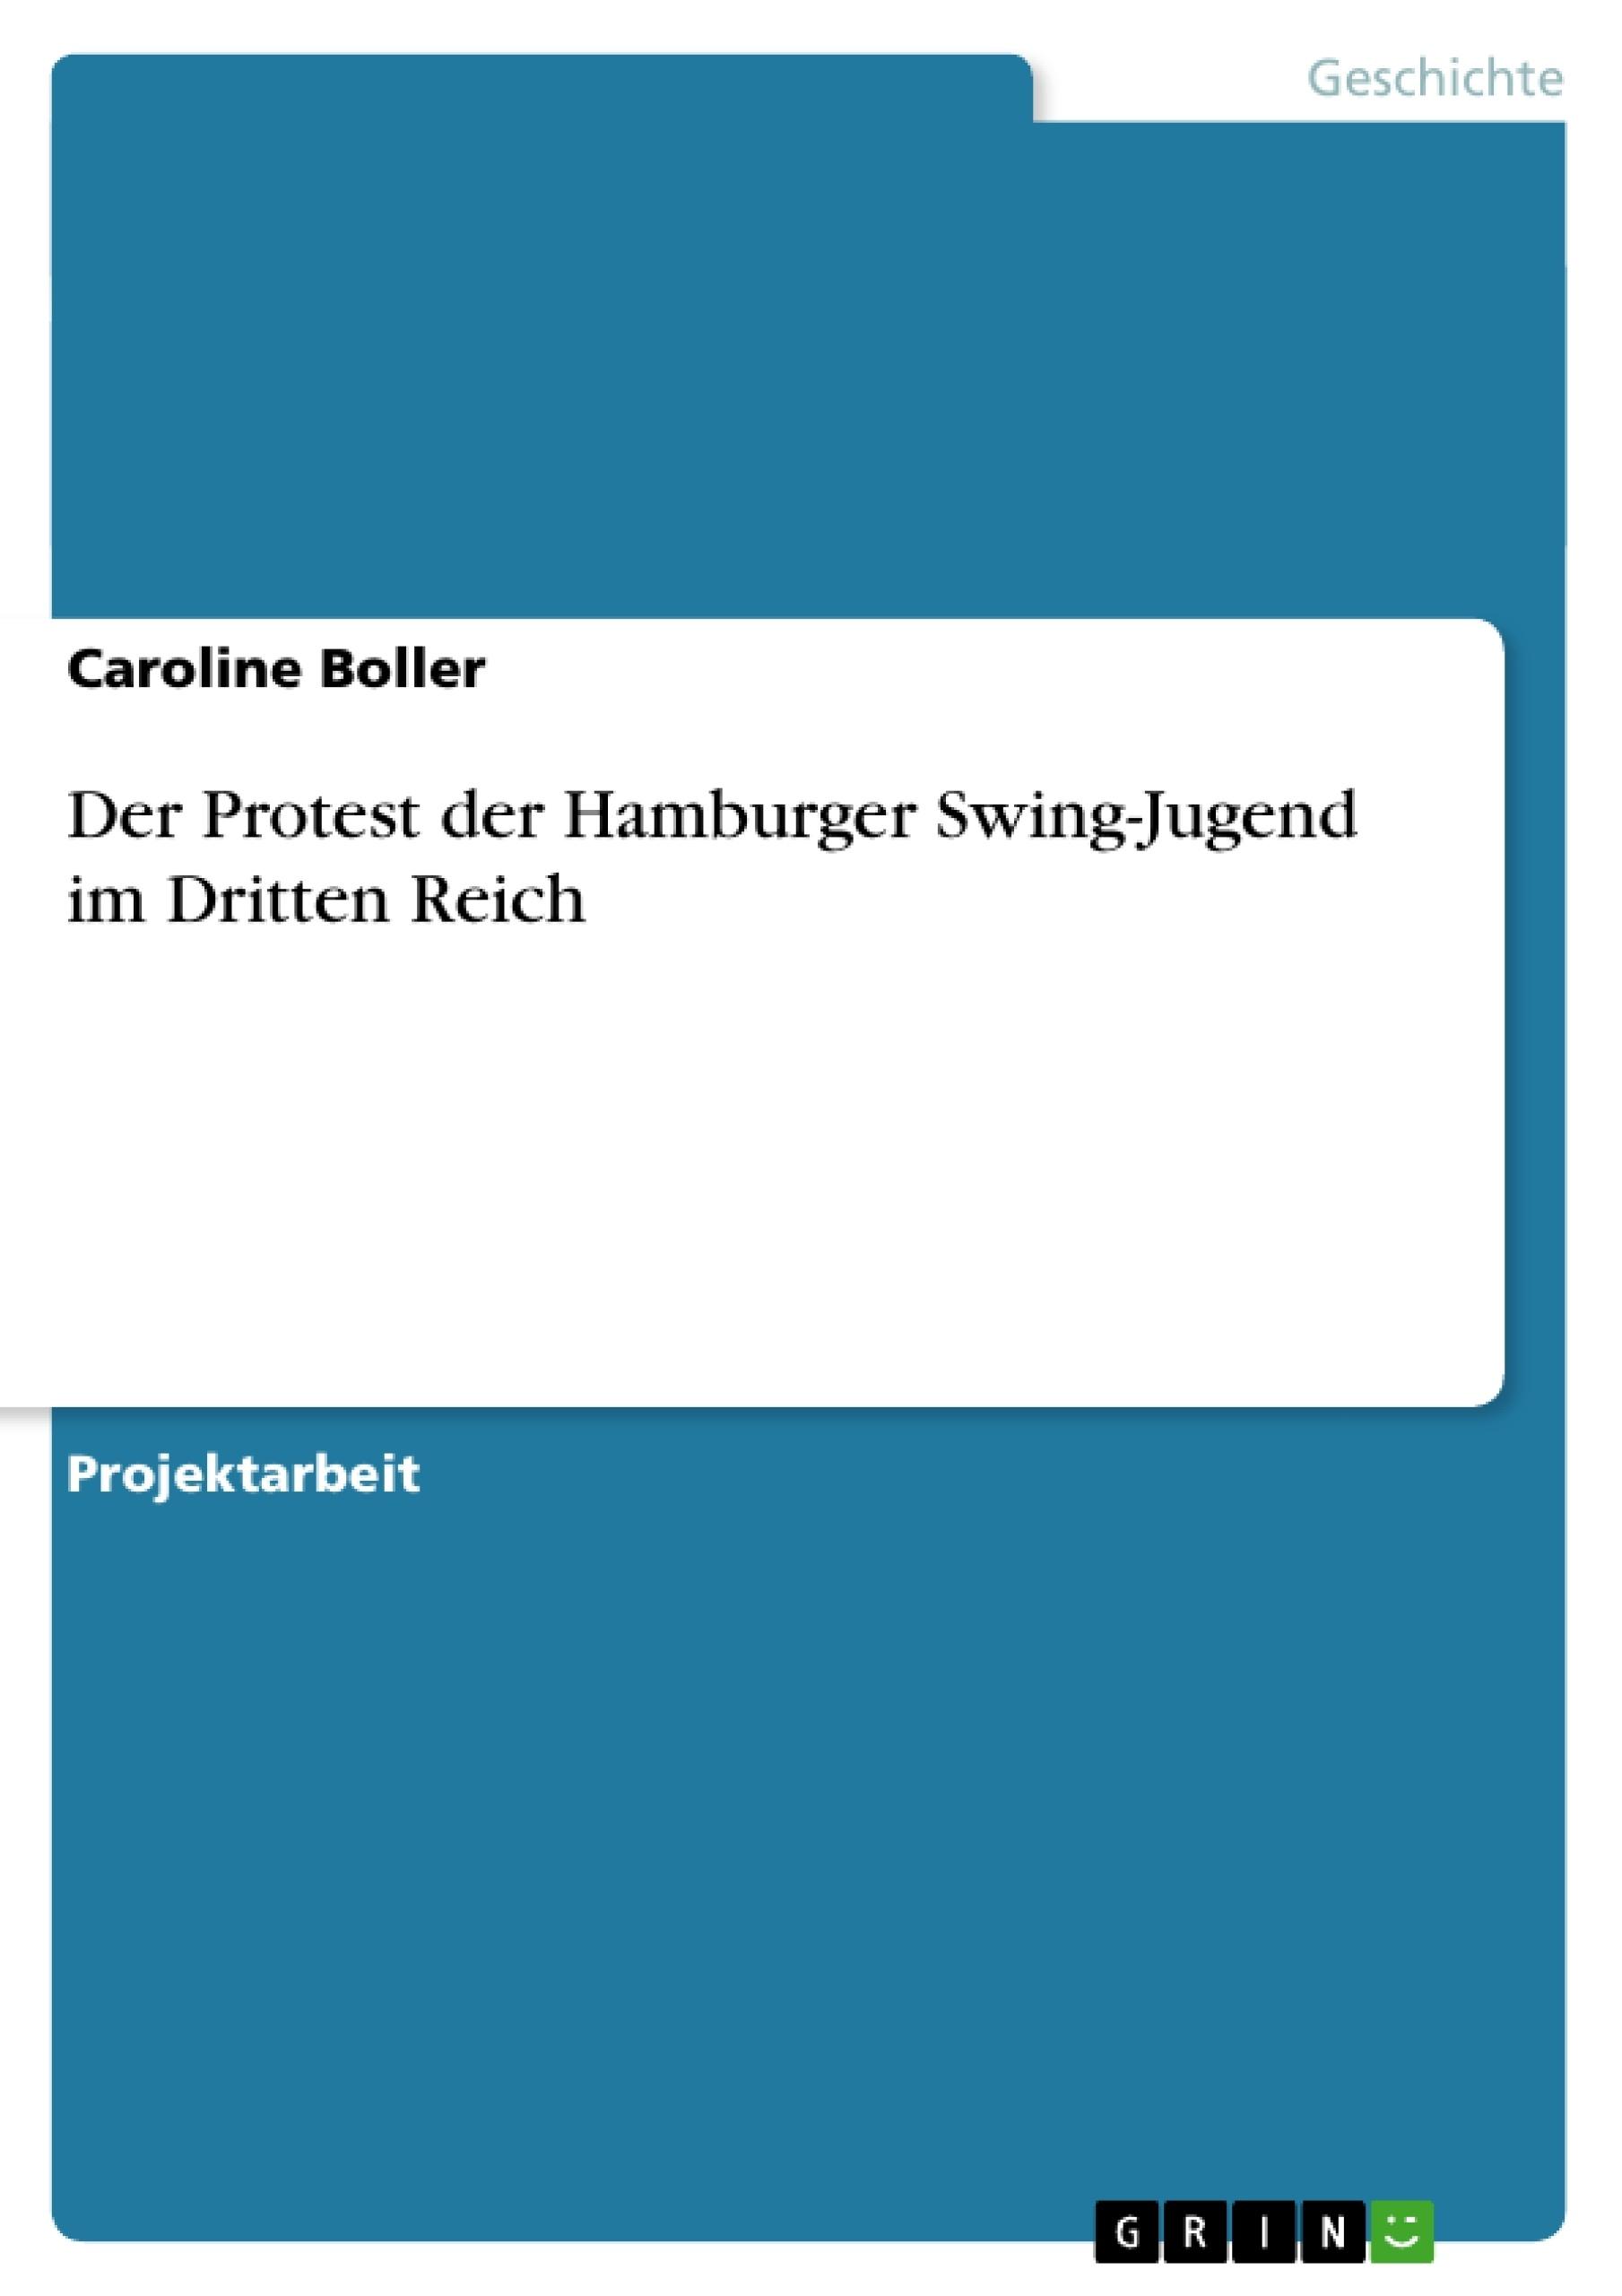 Titel: Der Protest der Hamburger Swing-Jugend im Dritten Reich